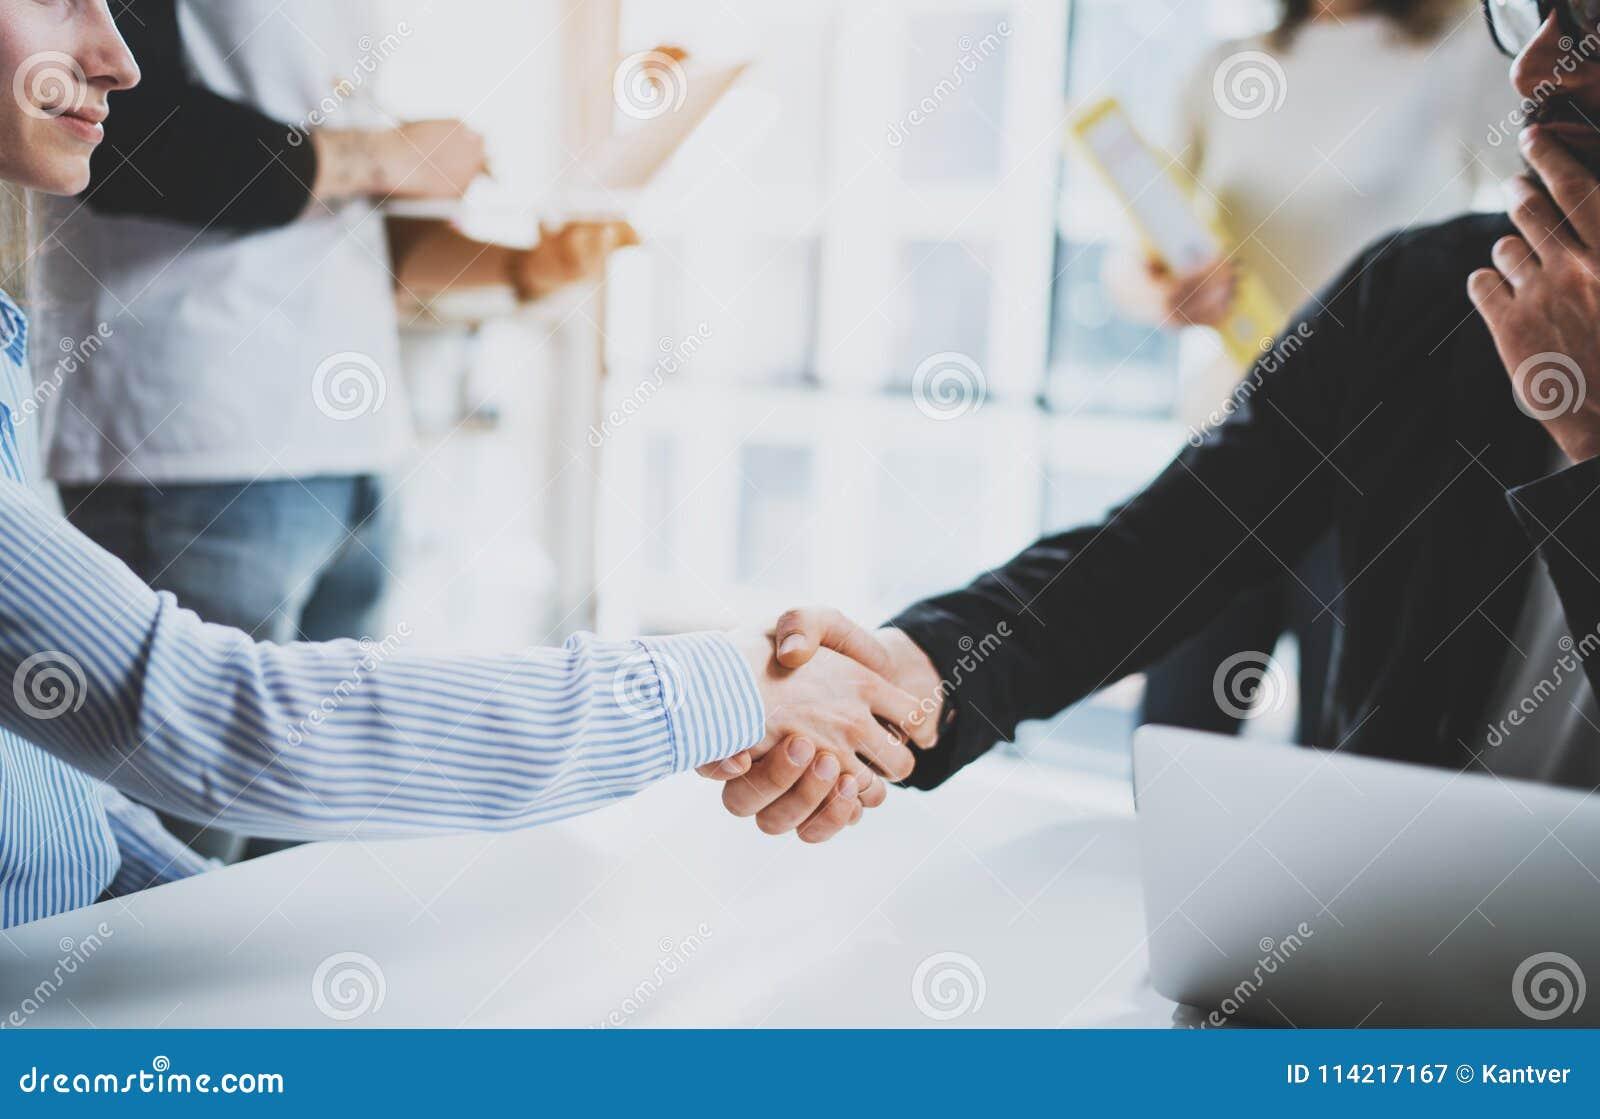 概念两工友握手过程 企业合作握手 在巨大会议以后的成功的成交在晴朗